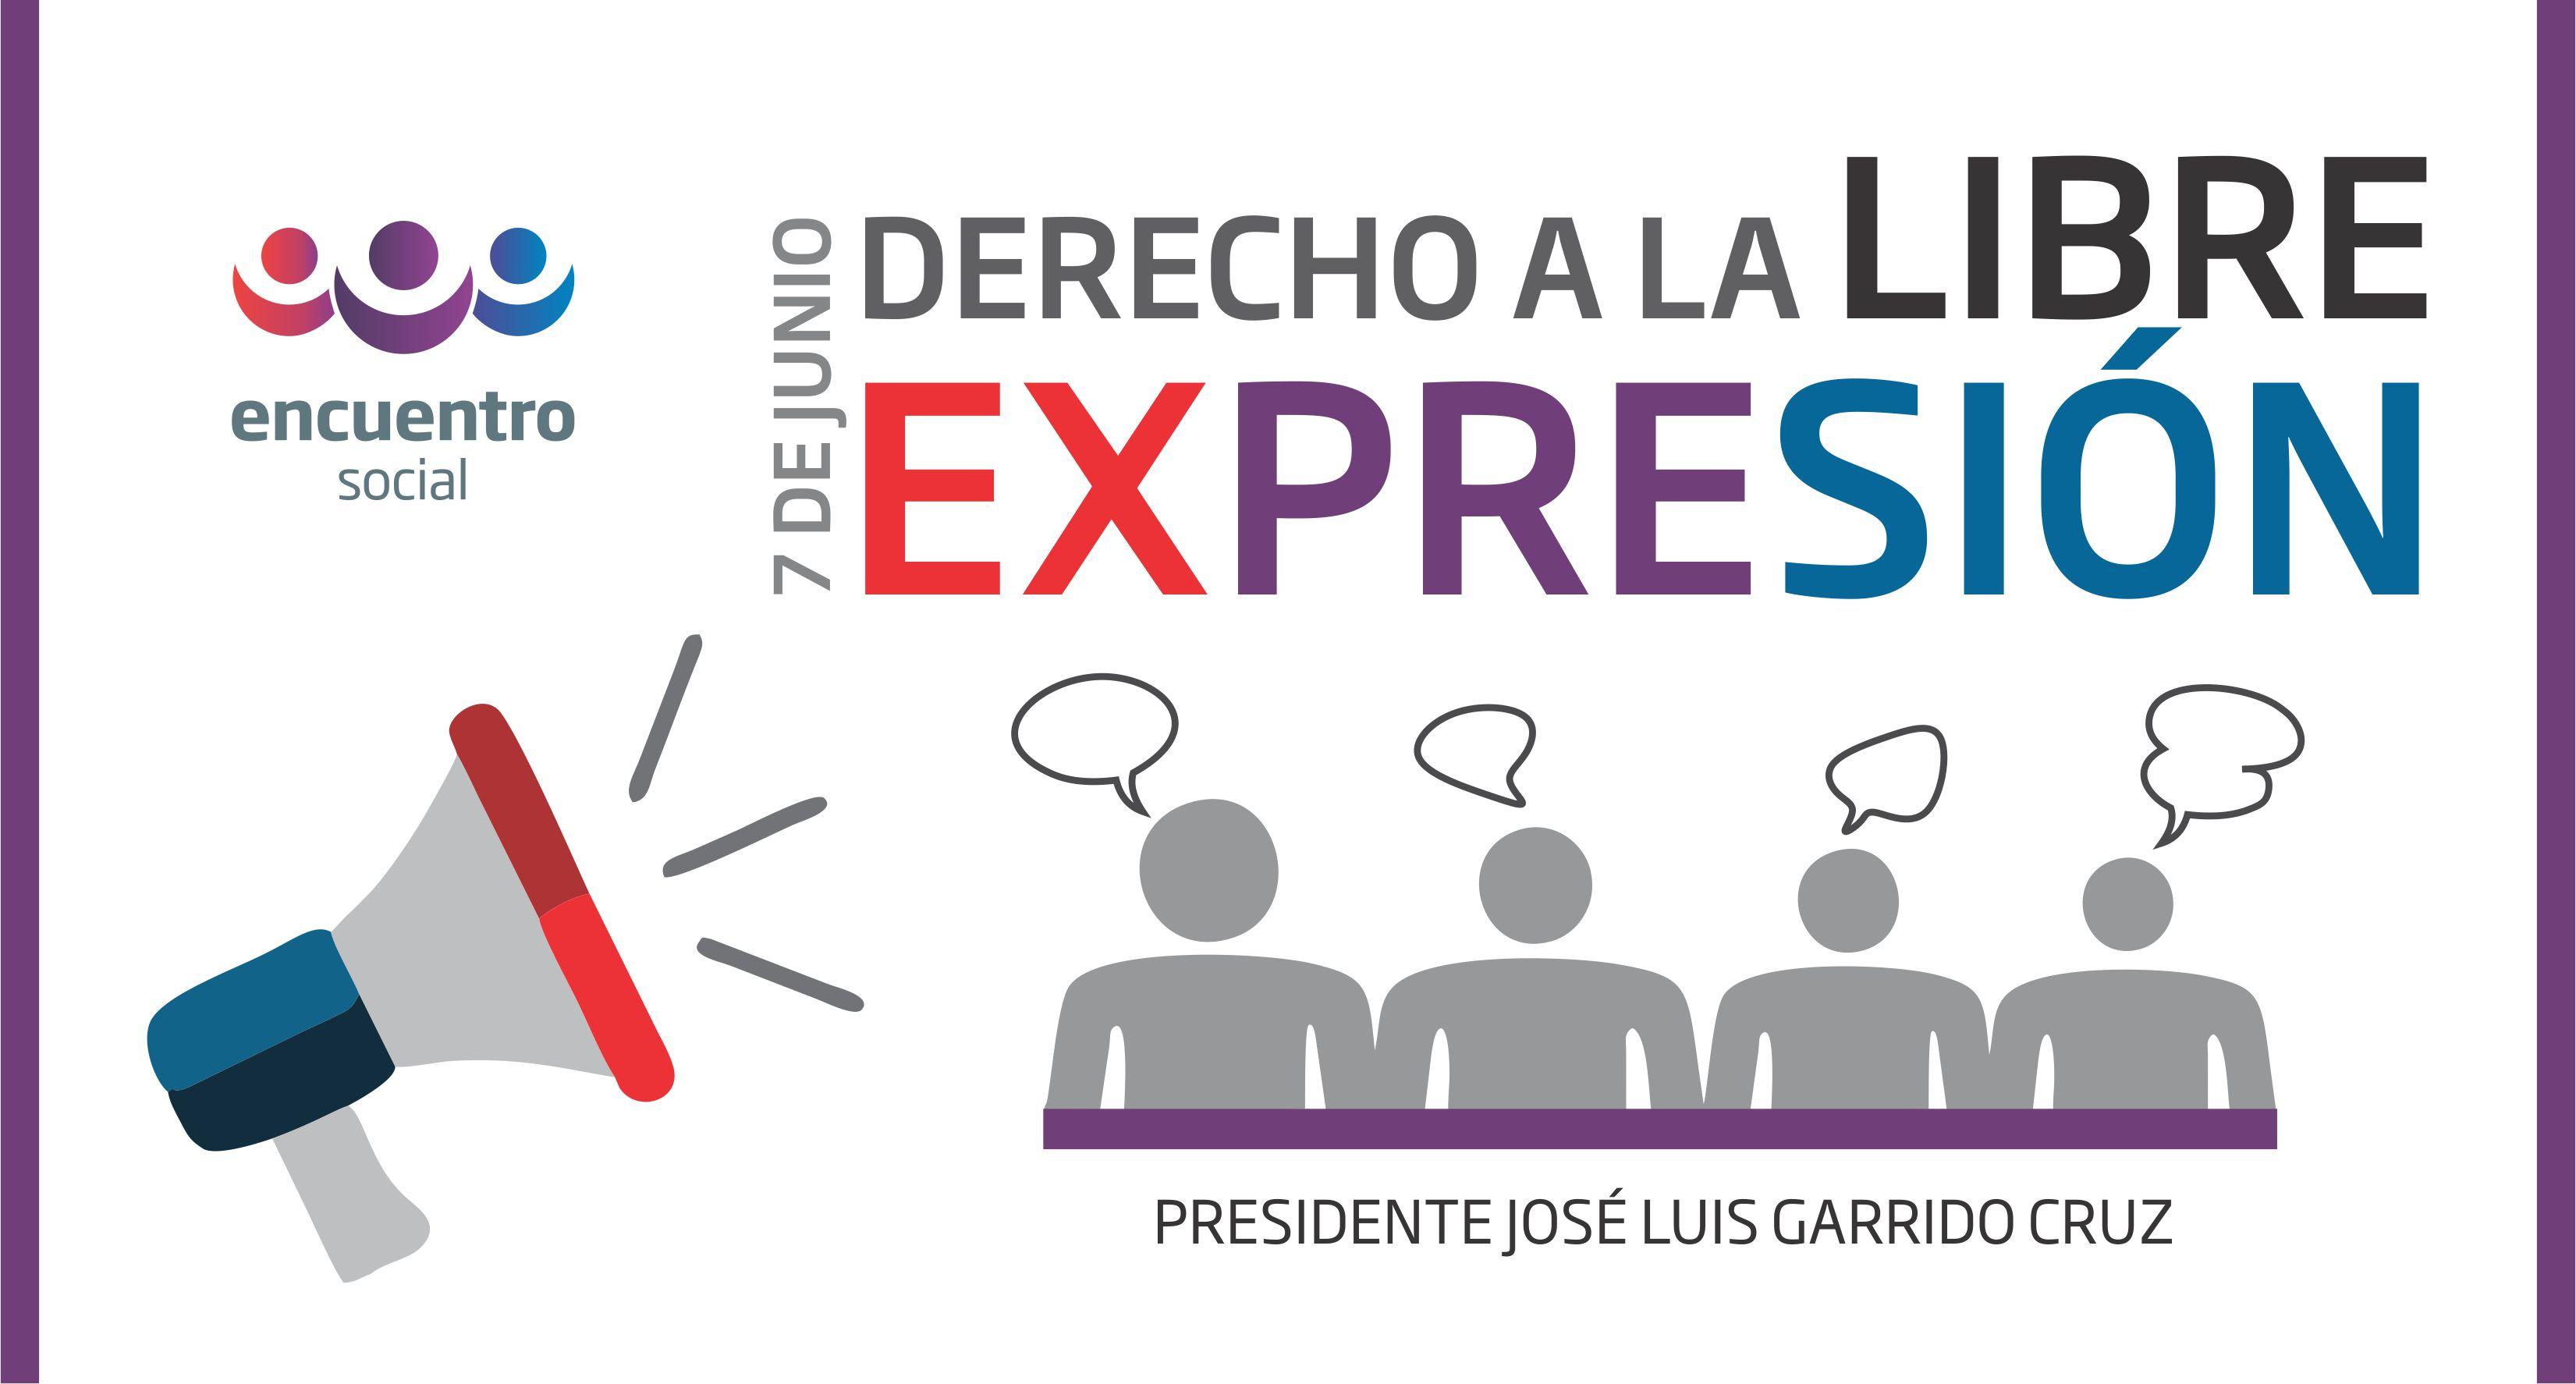 derecho a la libre expresi243n jos233 luis garrido cruz e